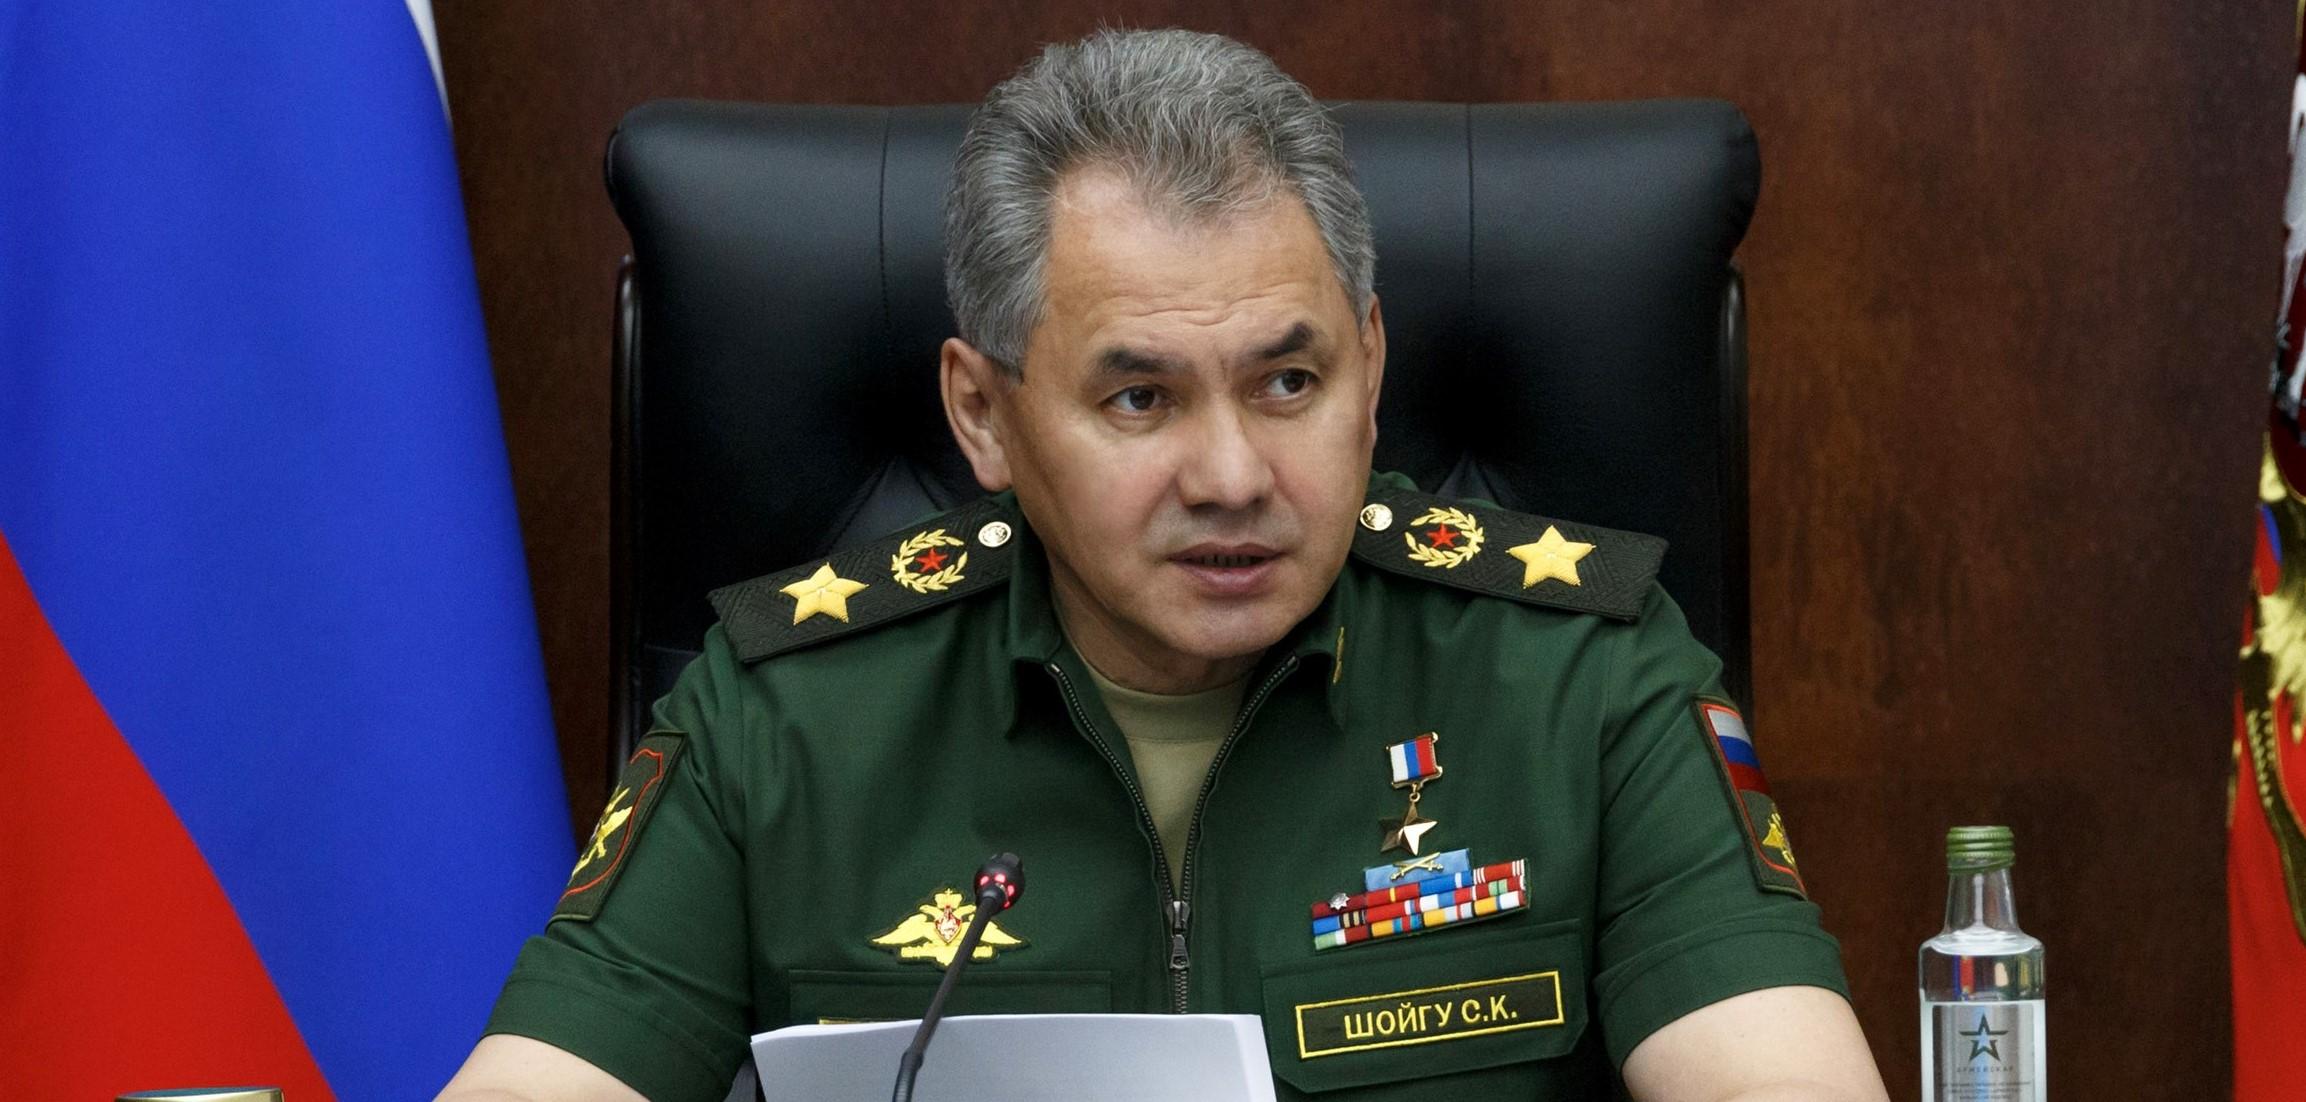 Монголия нацелена на развитие военного сотрудничества с РФ